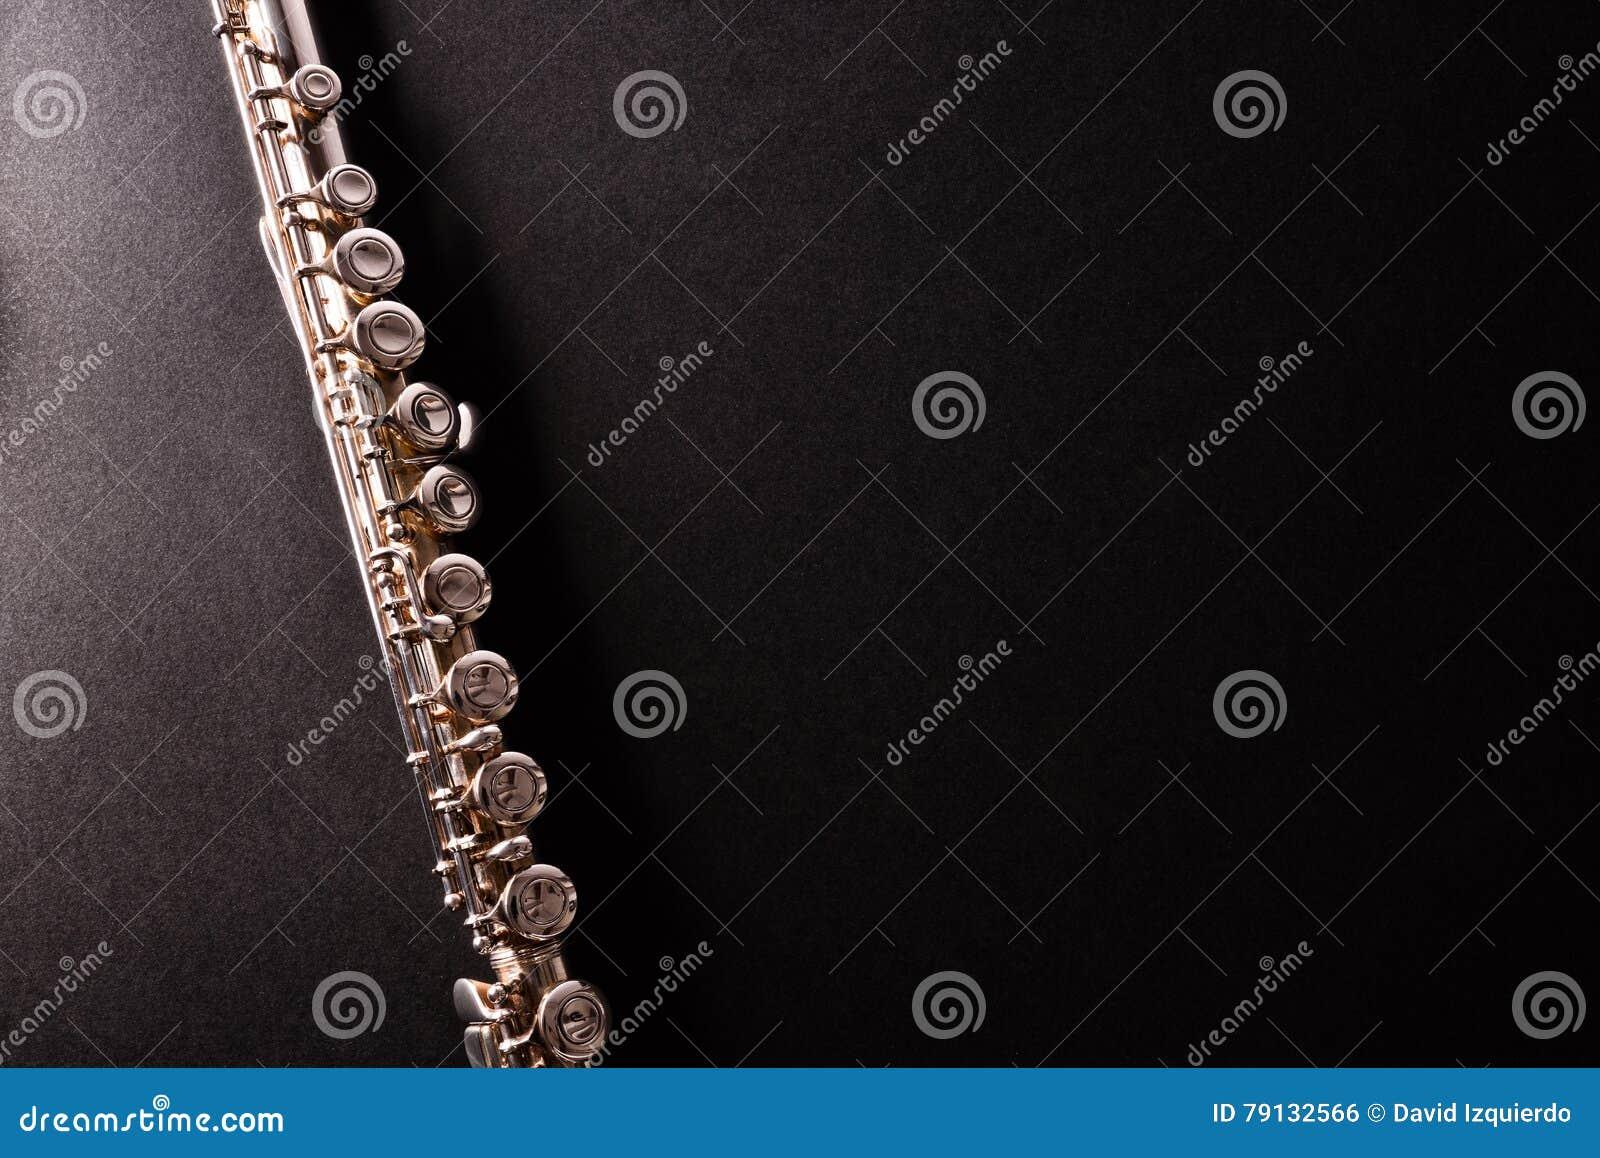 Dettaglio della flauto del tansverse sulla vista nera del piano d appoggio